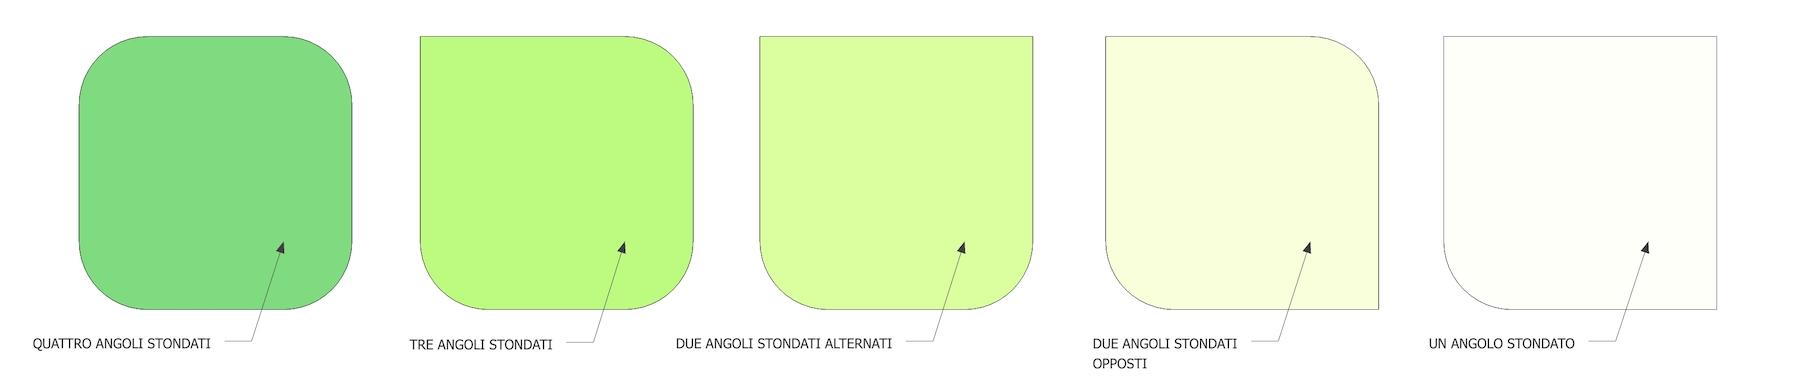 ICON numero angoli stondati